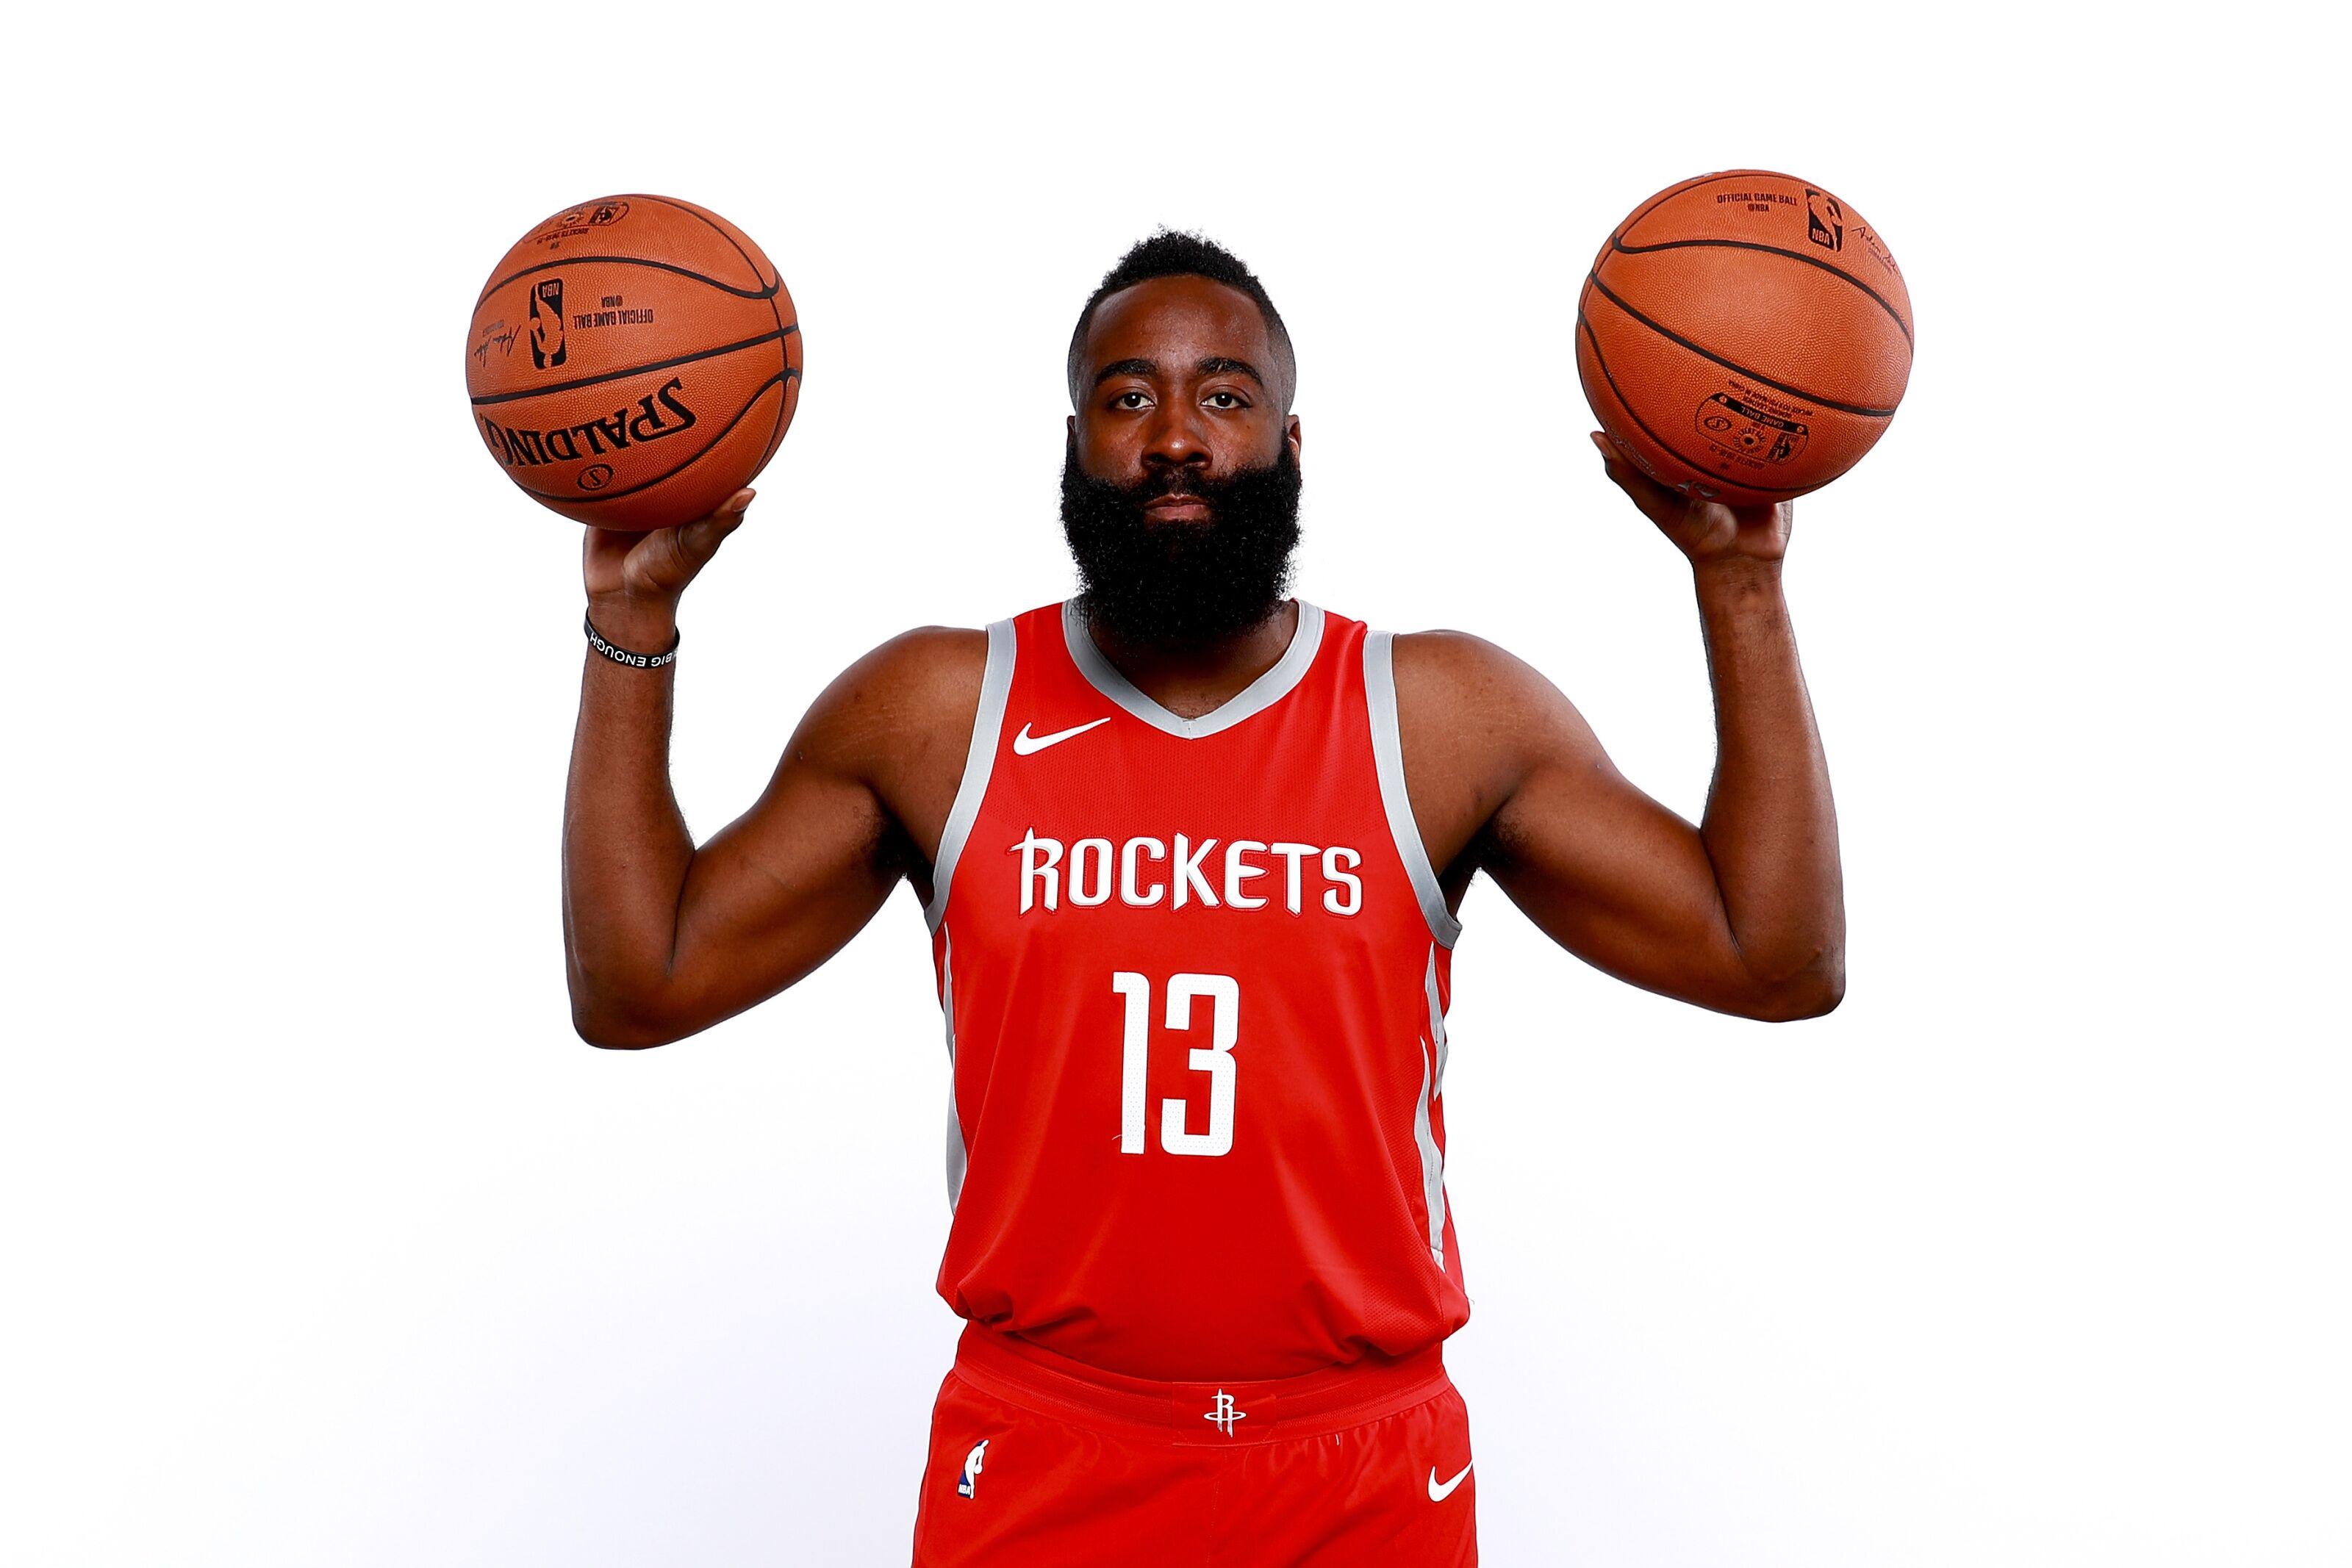 6b2c12d8ec0 Houston Rockets  3 takeaways from 2018-19 Media Day - Page 2